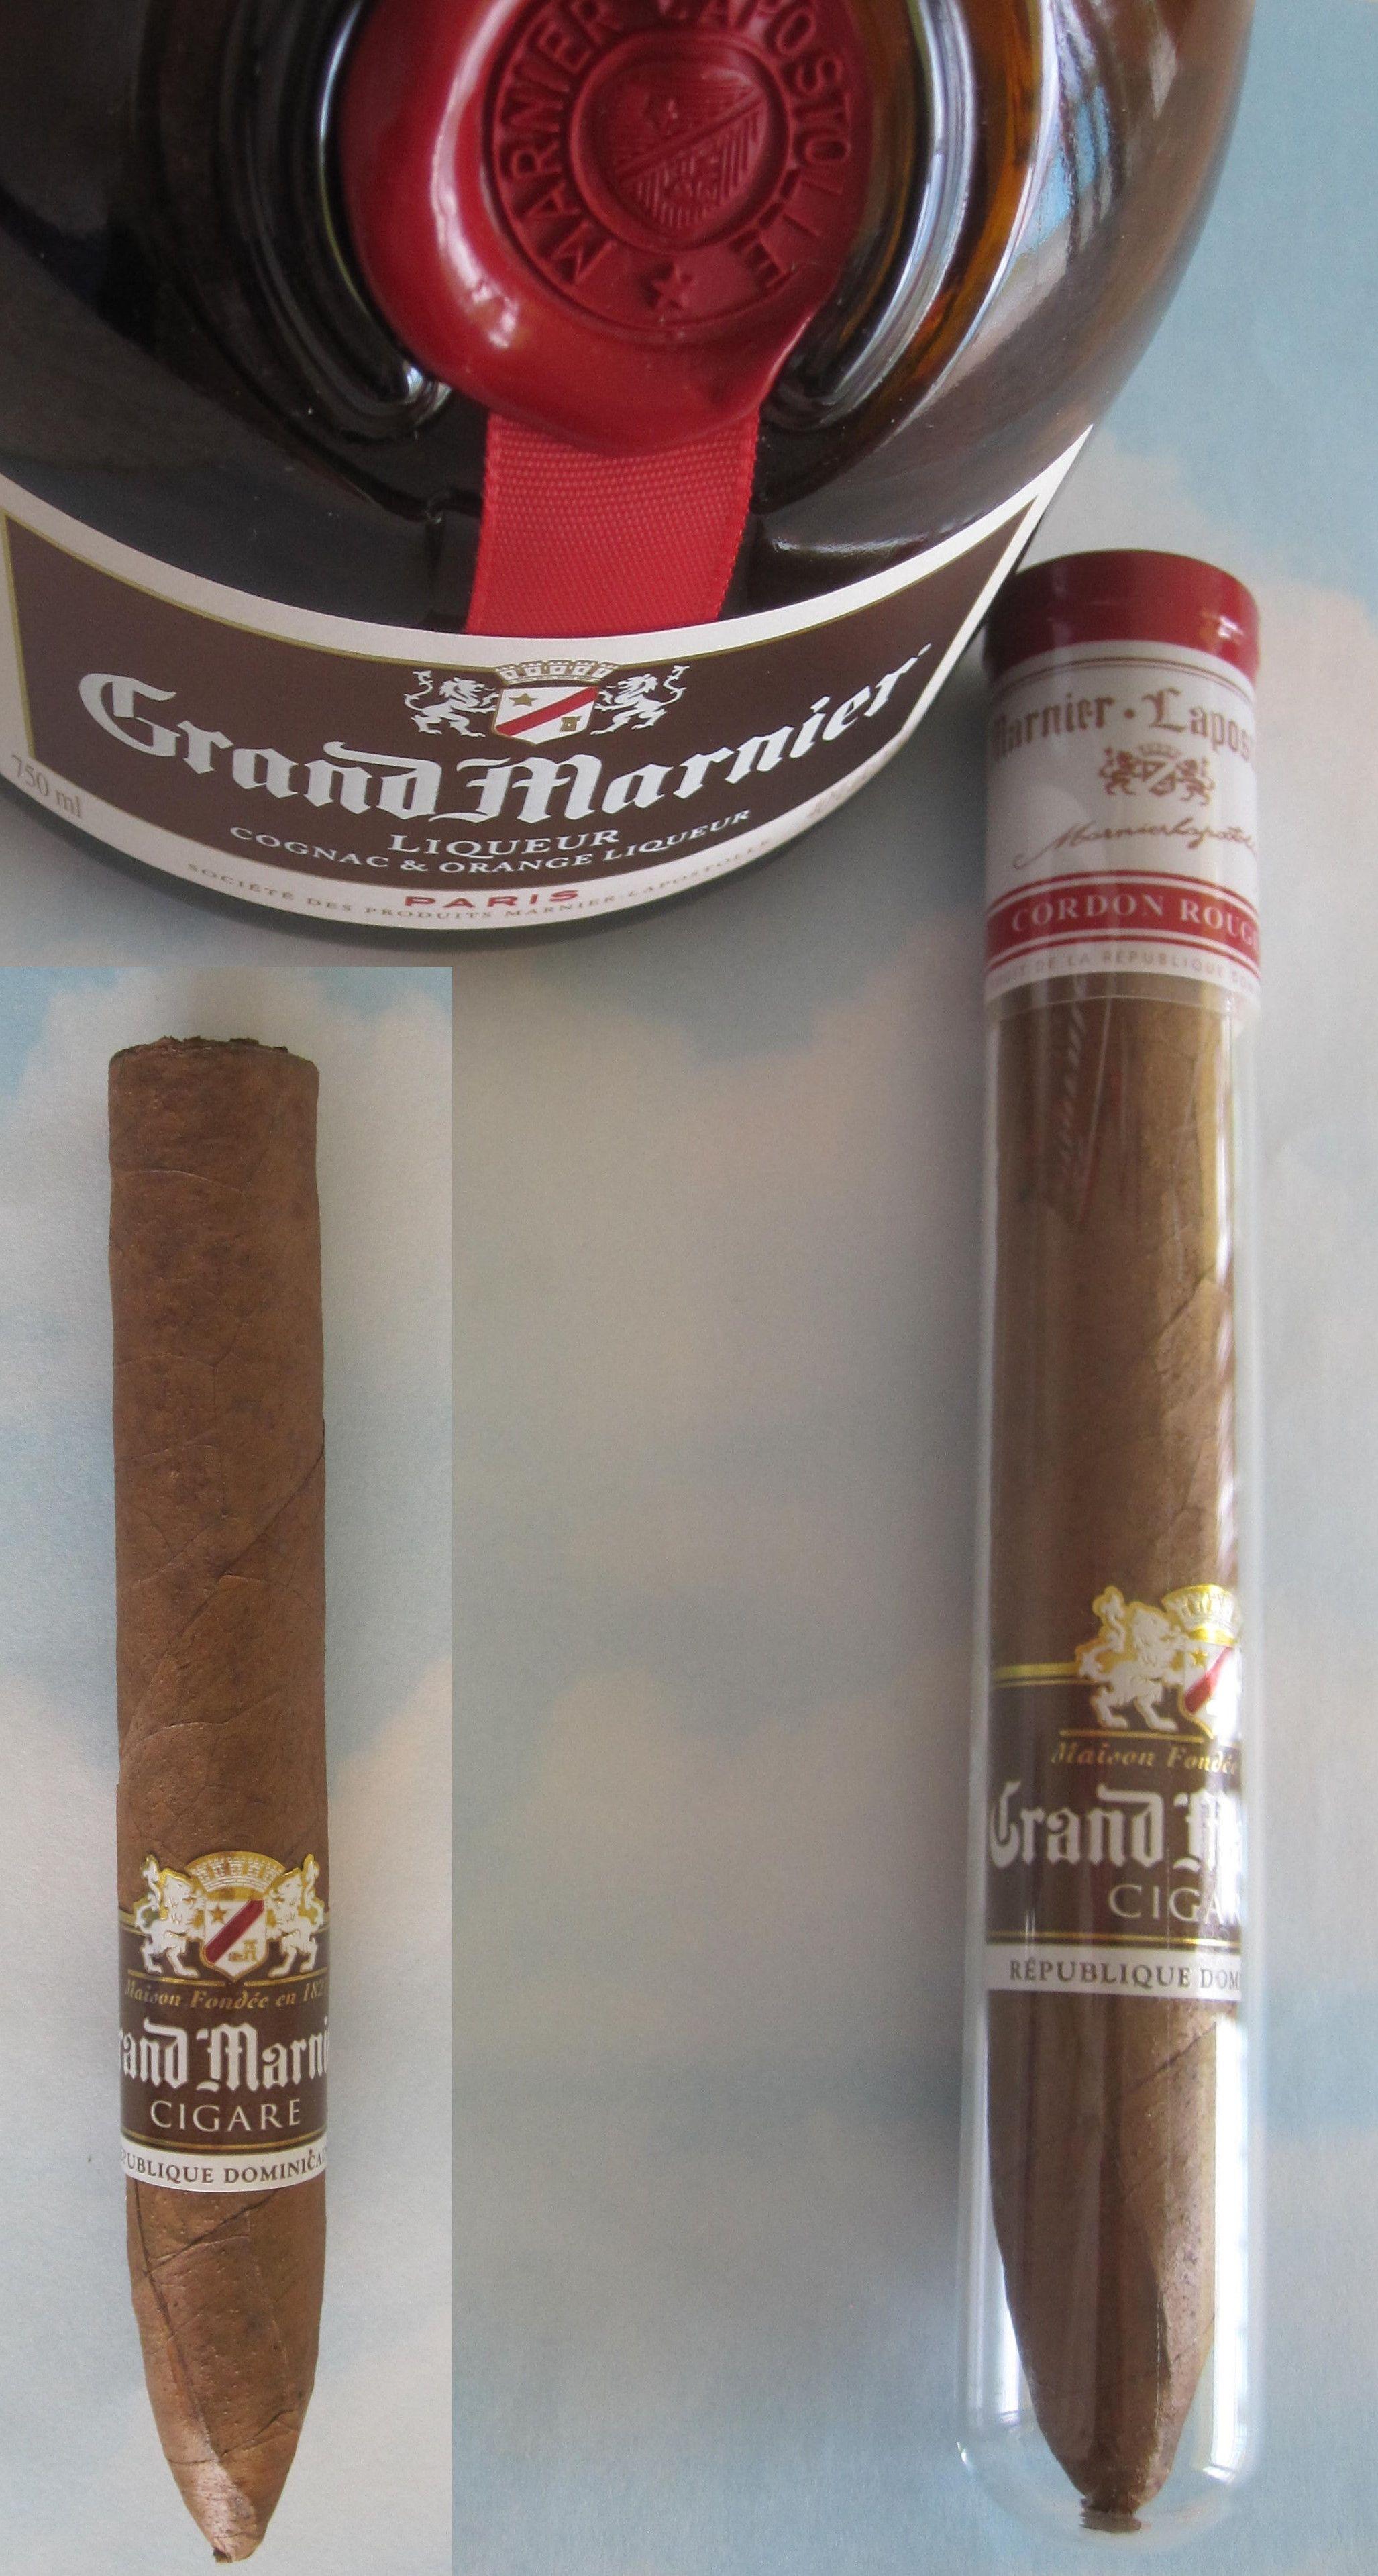 Grand Marnier Cigar